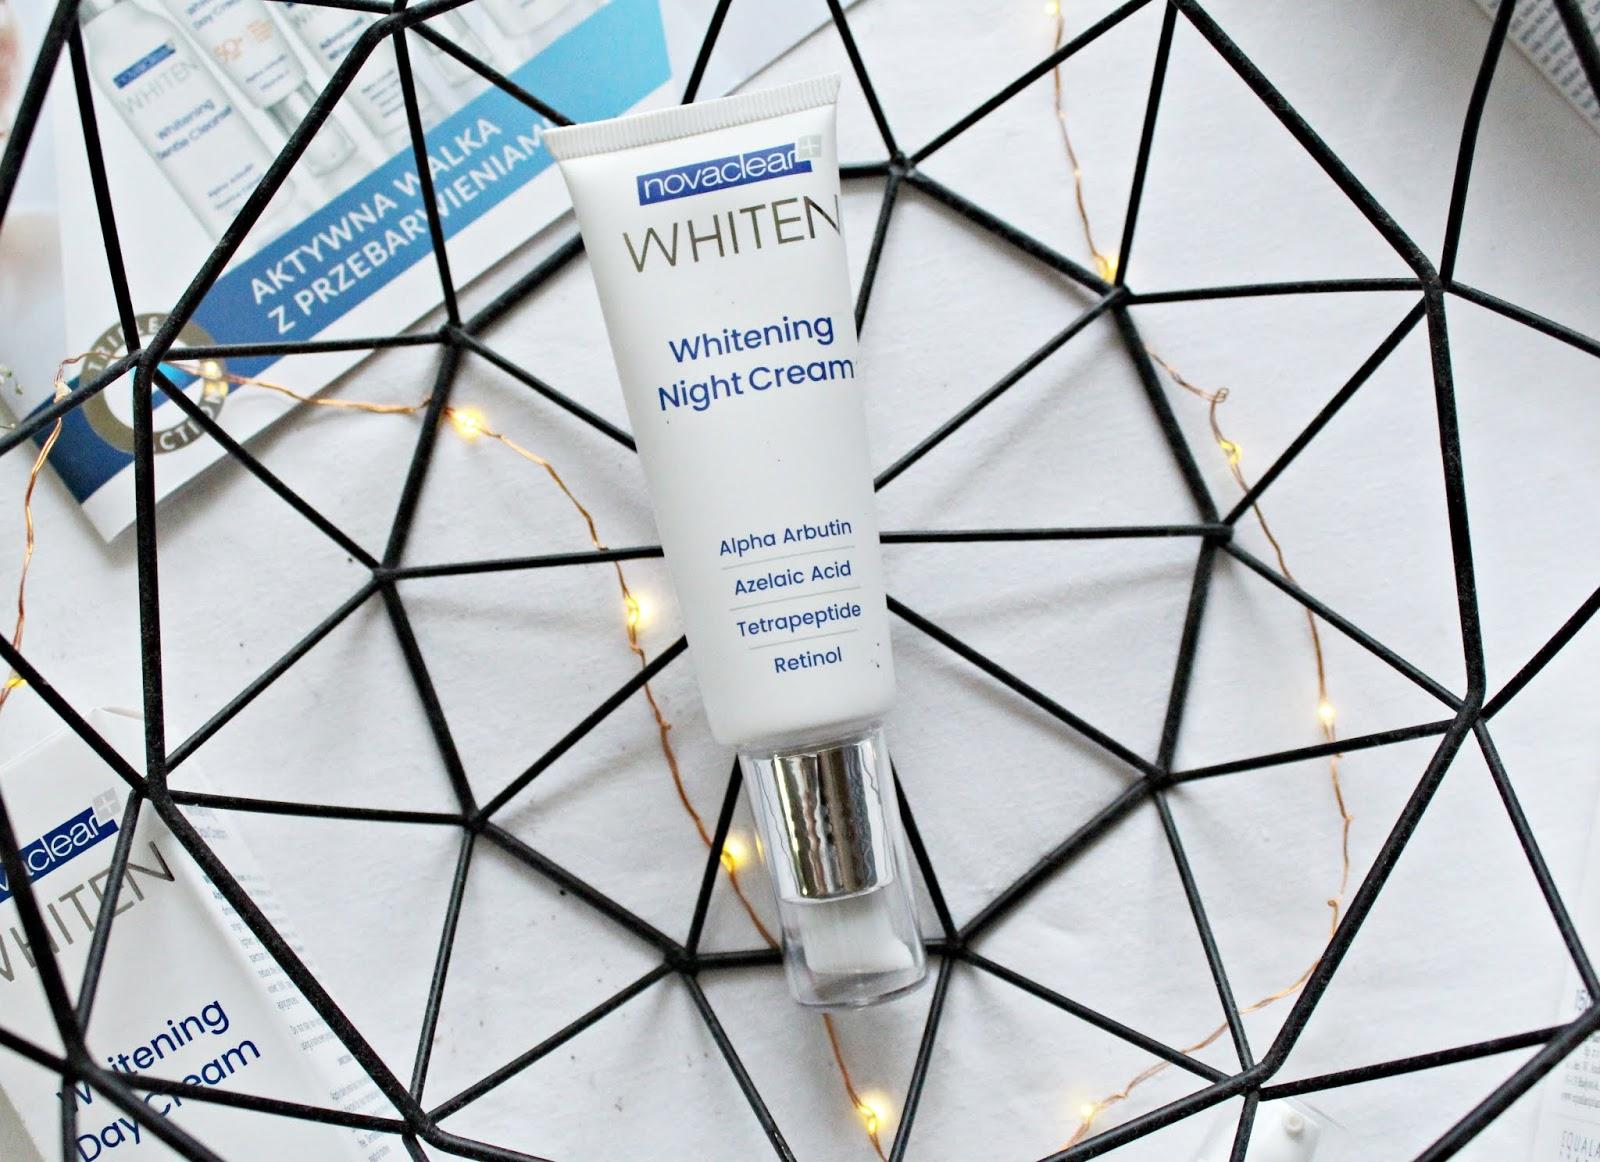 Whitening Night Cream - Wybielający Krem Na Noc nowaclear whiten